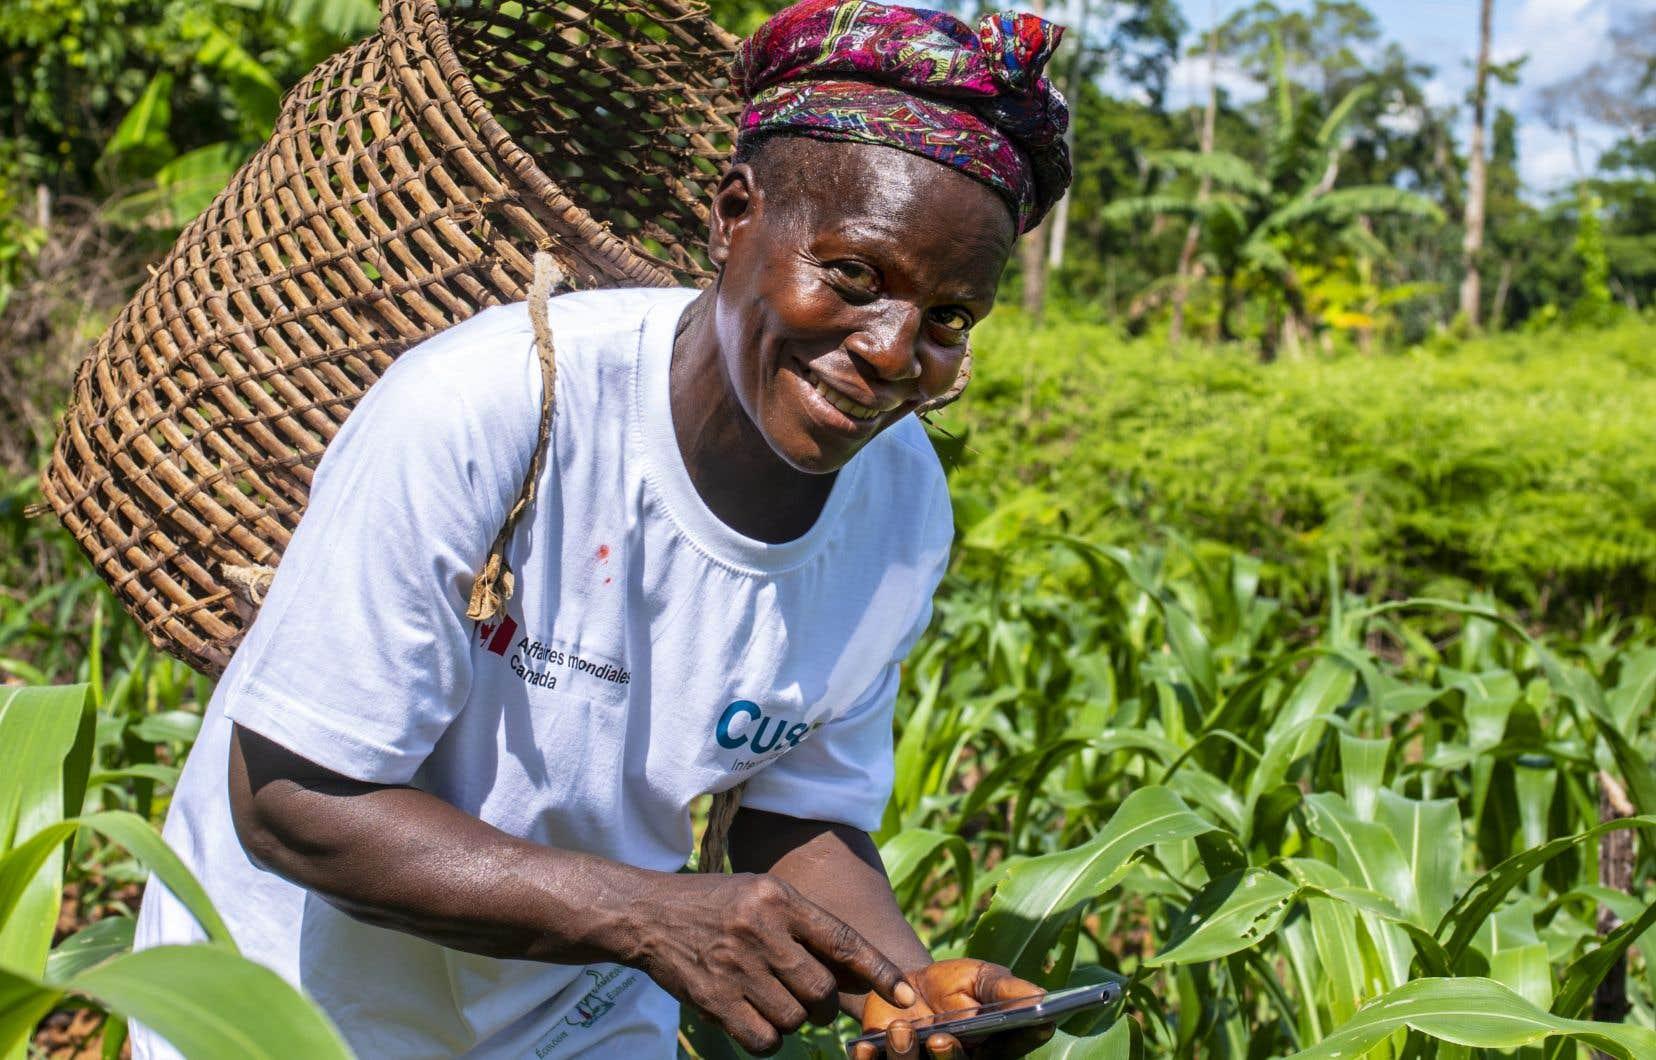 L'application Champs au bout des doigts donne accès à des données météo en temps réel aux agricultrices et agriculteurs camerounais.